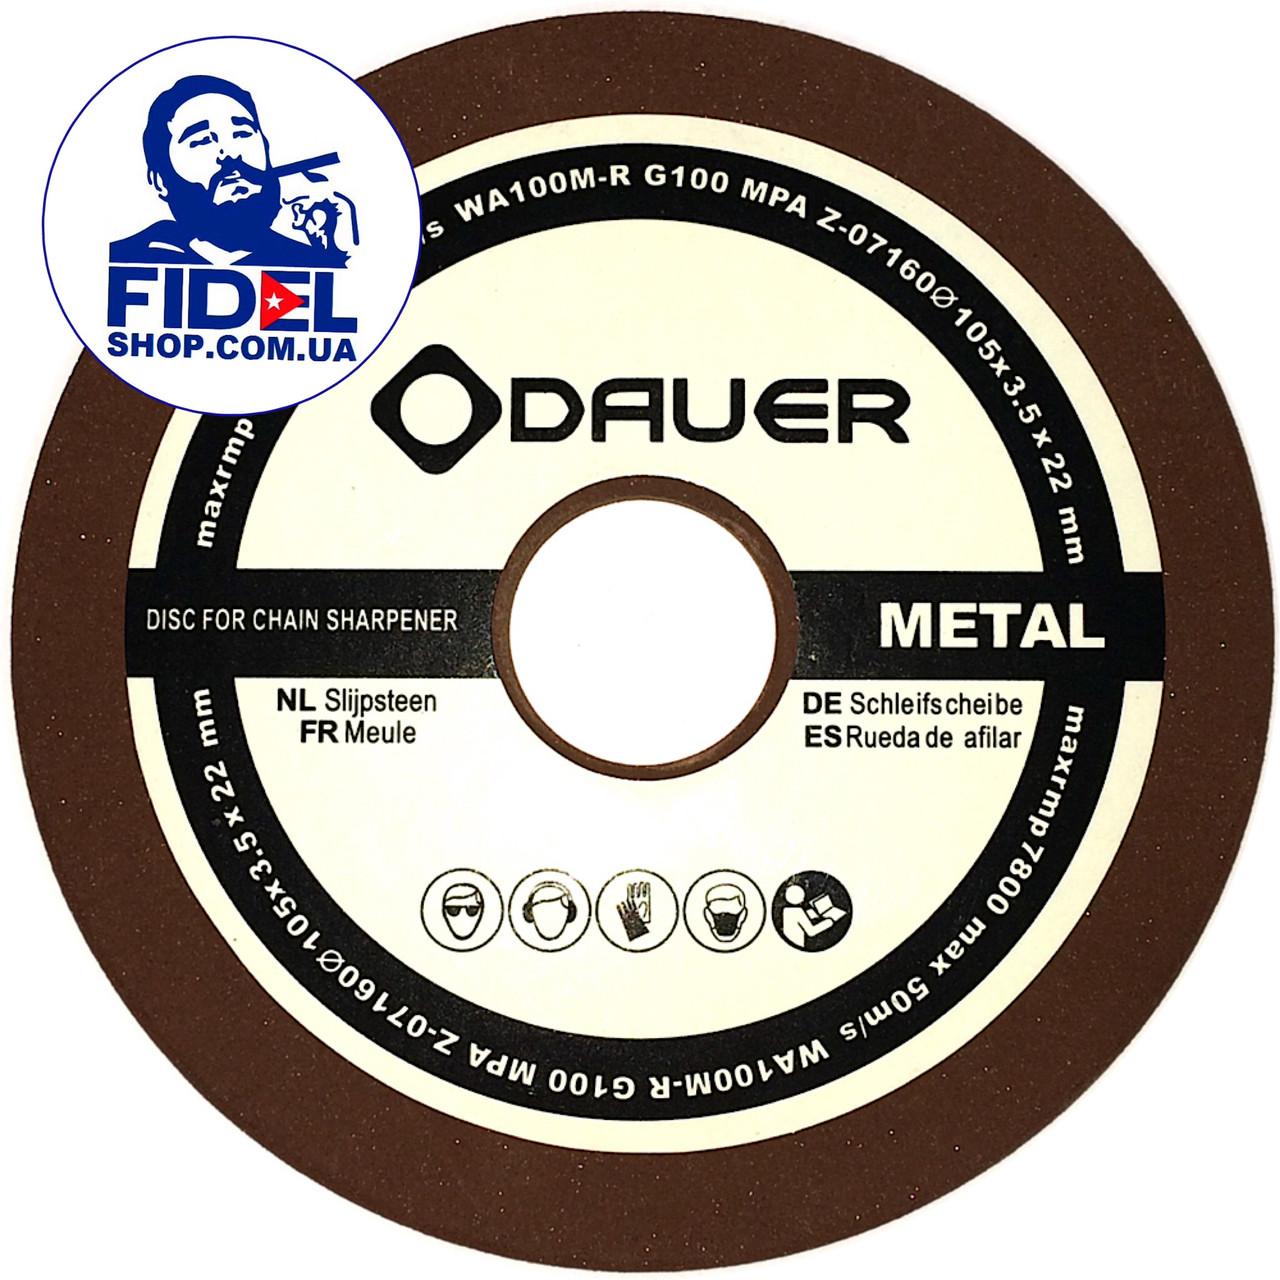 Профессиональный круг для заточки цепей DAUER 105*22,2*3,2 мм не жжет металл, фото 1